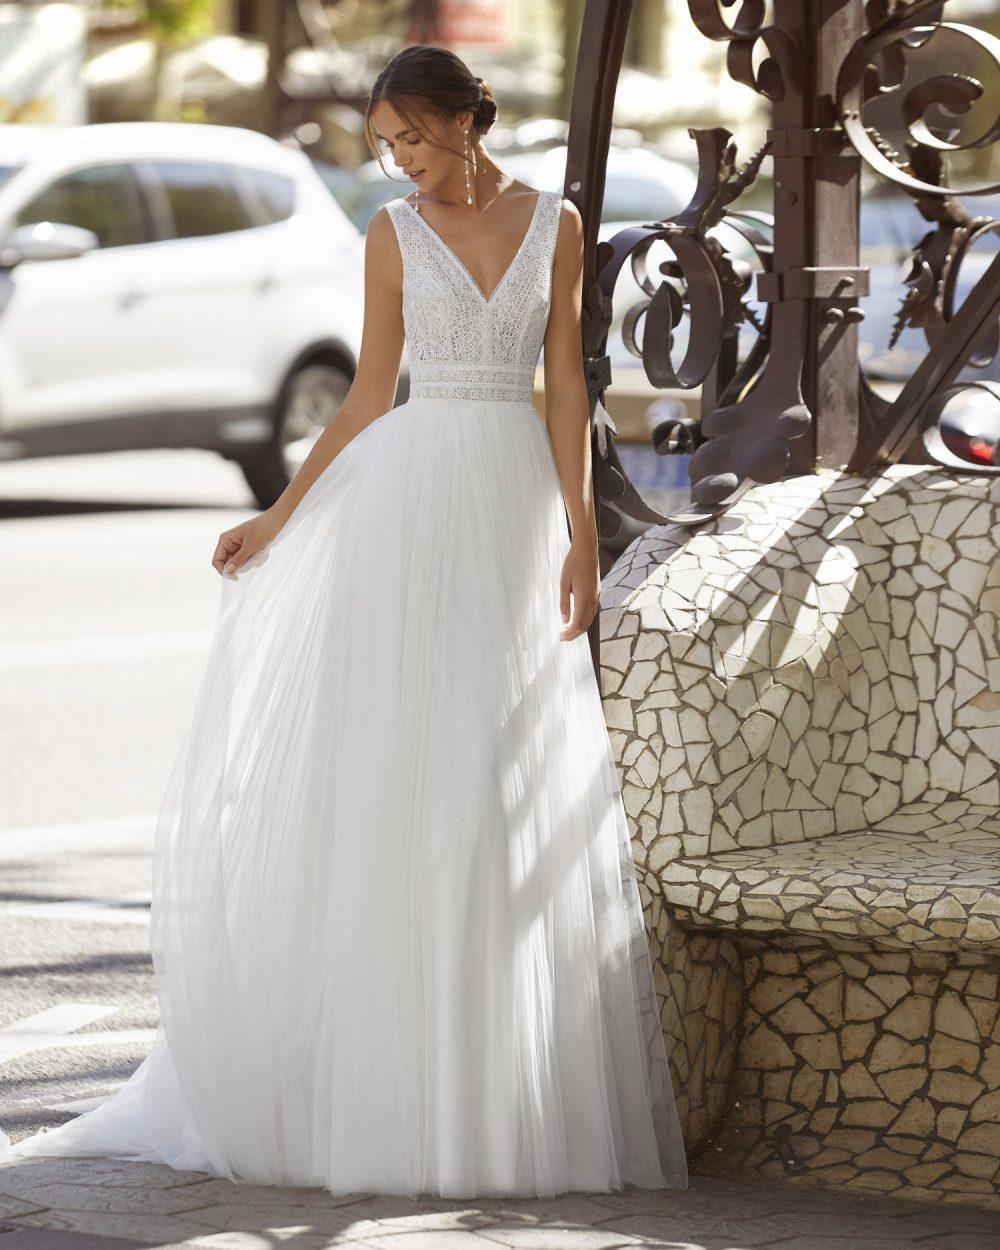 Mariages: abito da sposa Rosa Clarà 2021 a Vicenza, Verona, Padova, Veneto 5S132 YASI